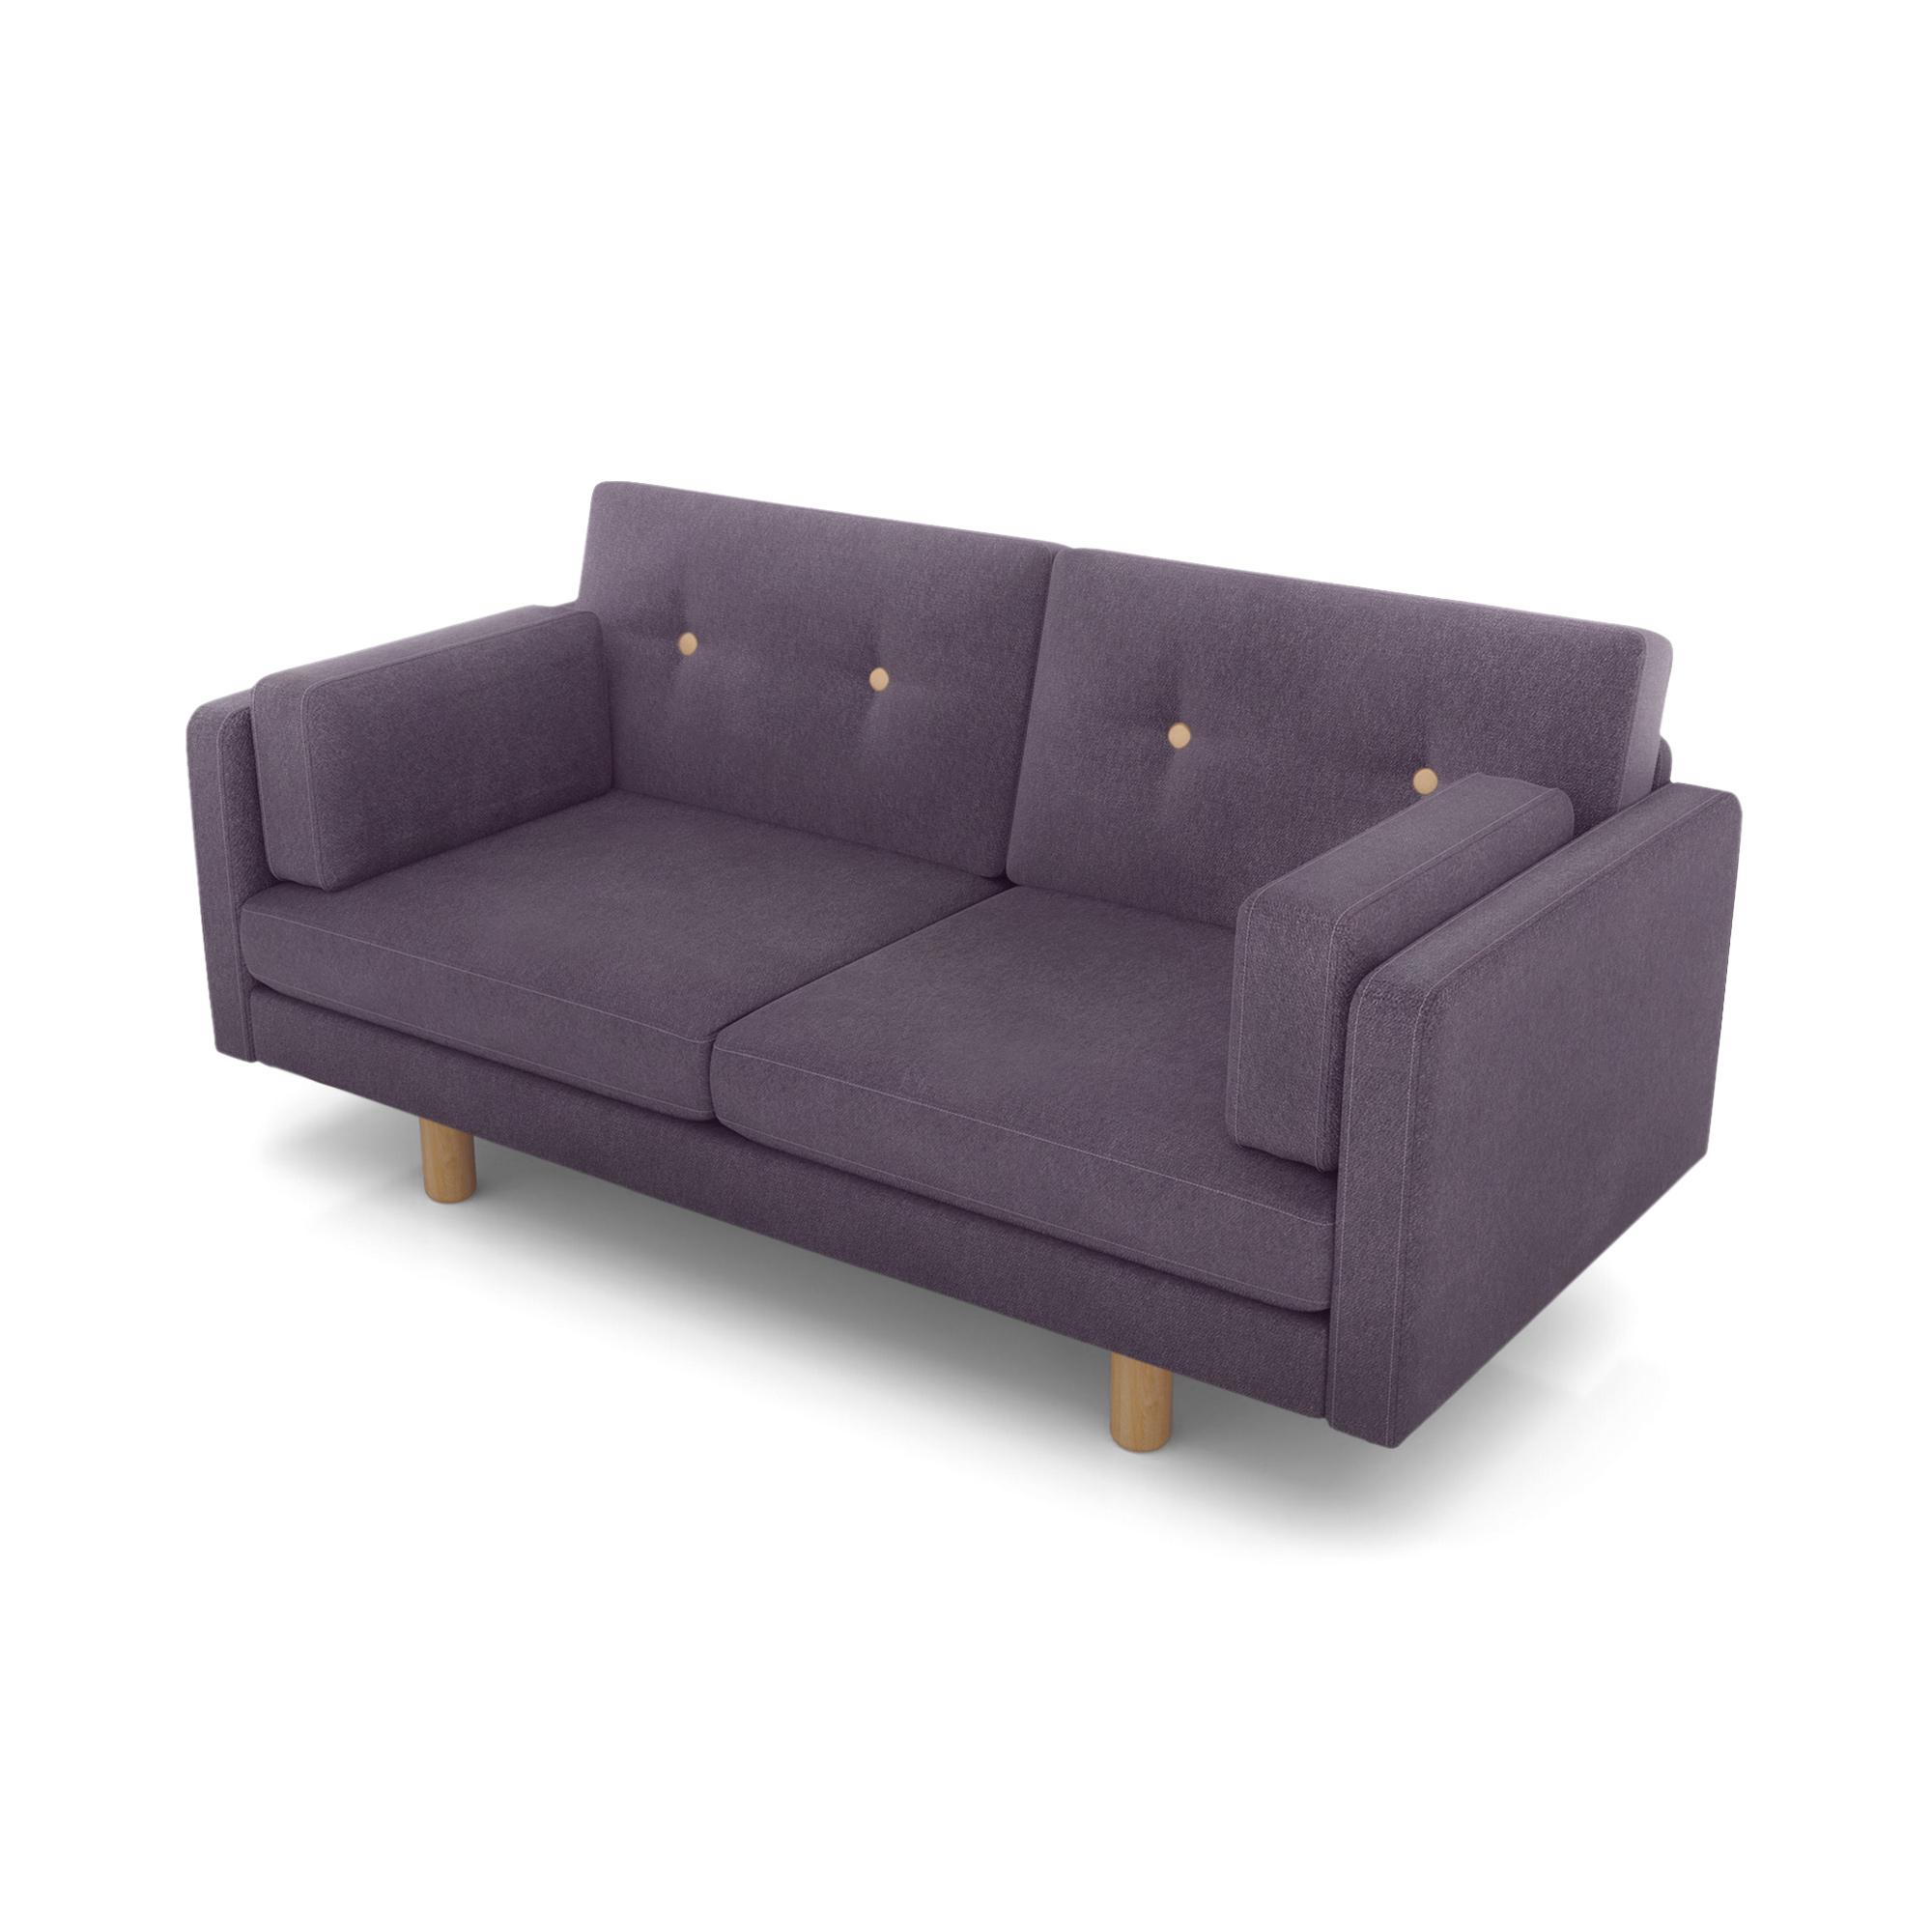 Фото - Диван AS Изабелла м 167x80x83 плум диван as изабелла м 167x80x83 синий